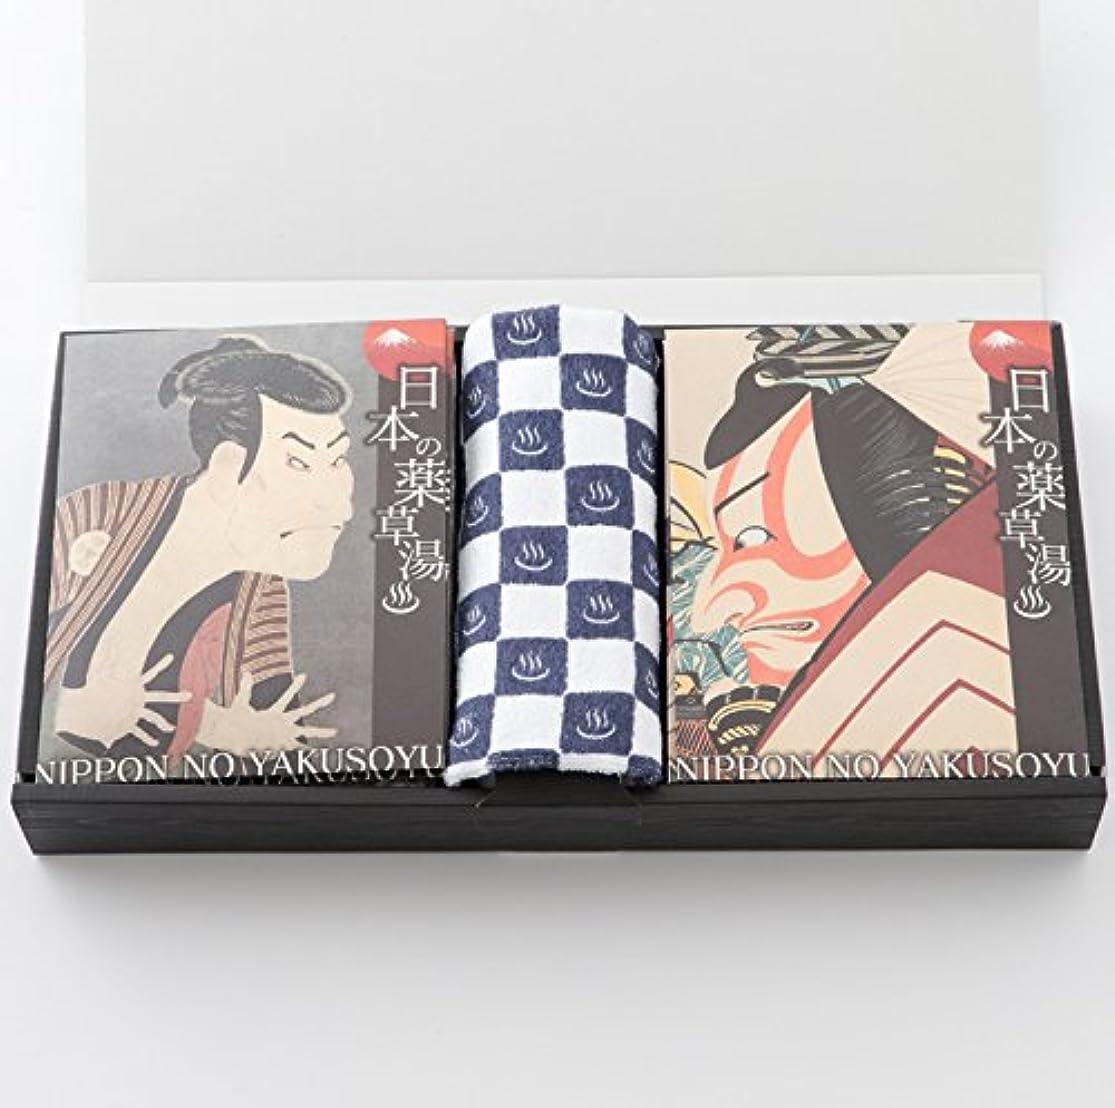 夜間神経衰弱不健全日本の薬草湯と湯めぐりタオルギフト (日本の薬草湯6包+湯めぐりタオル1本)